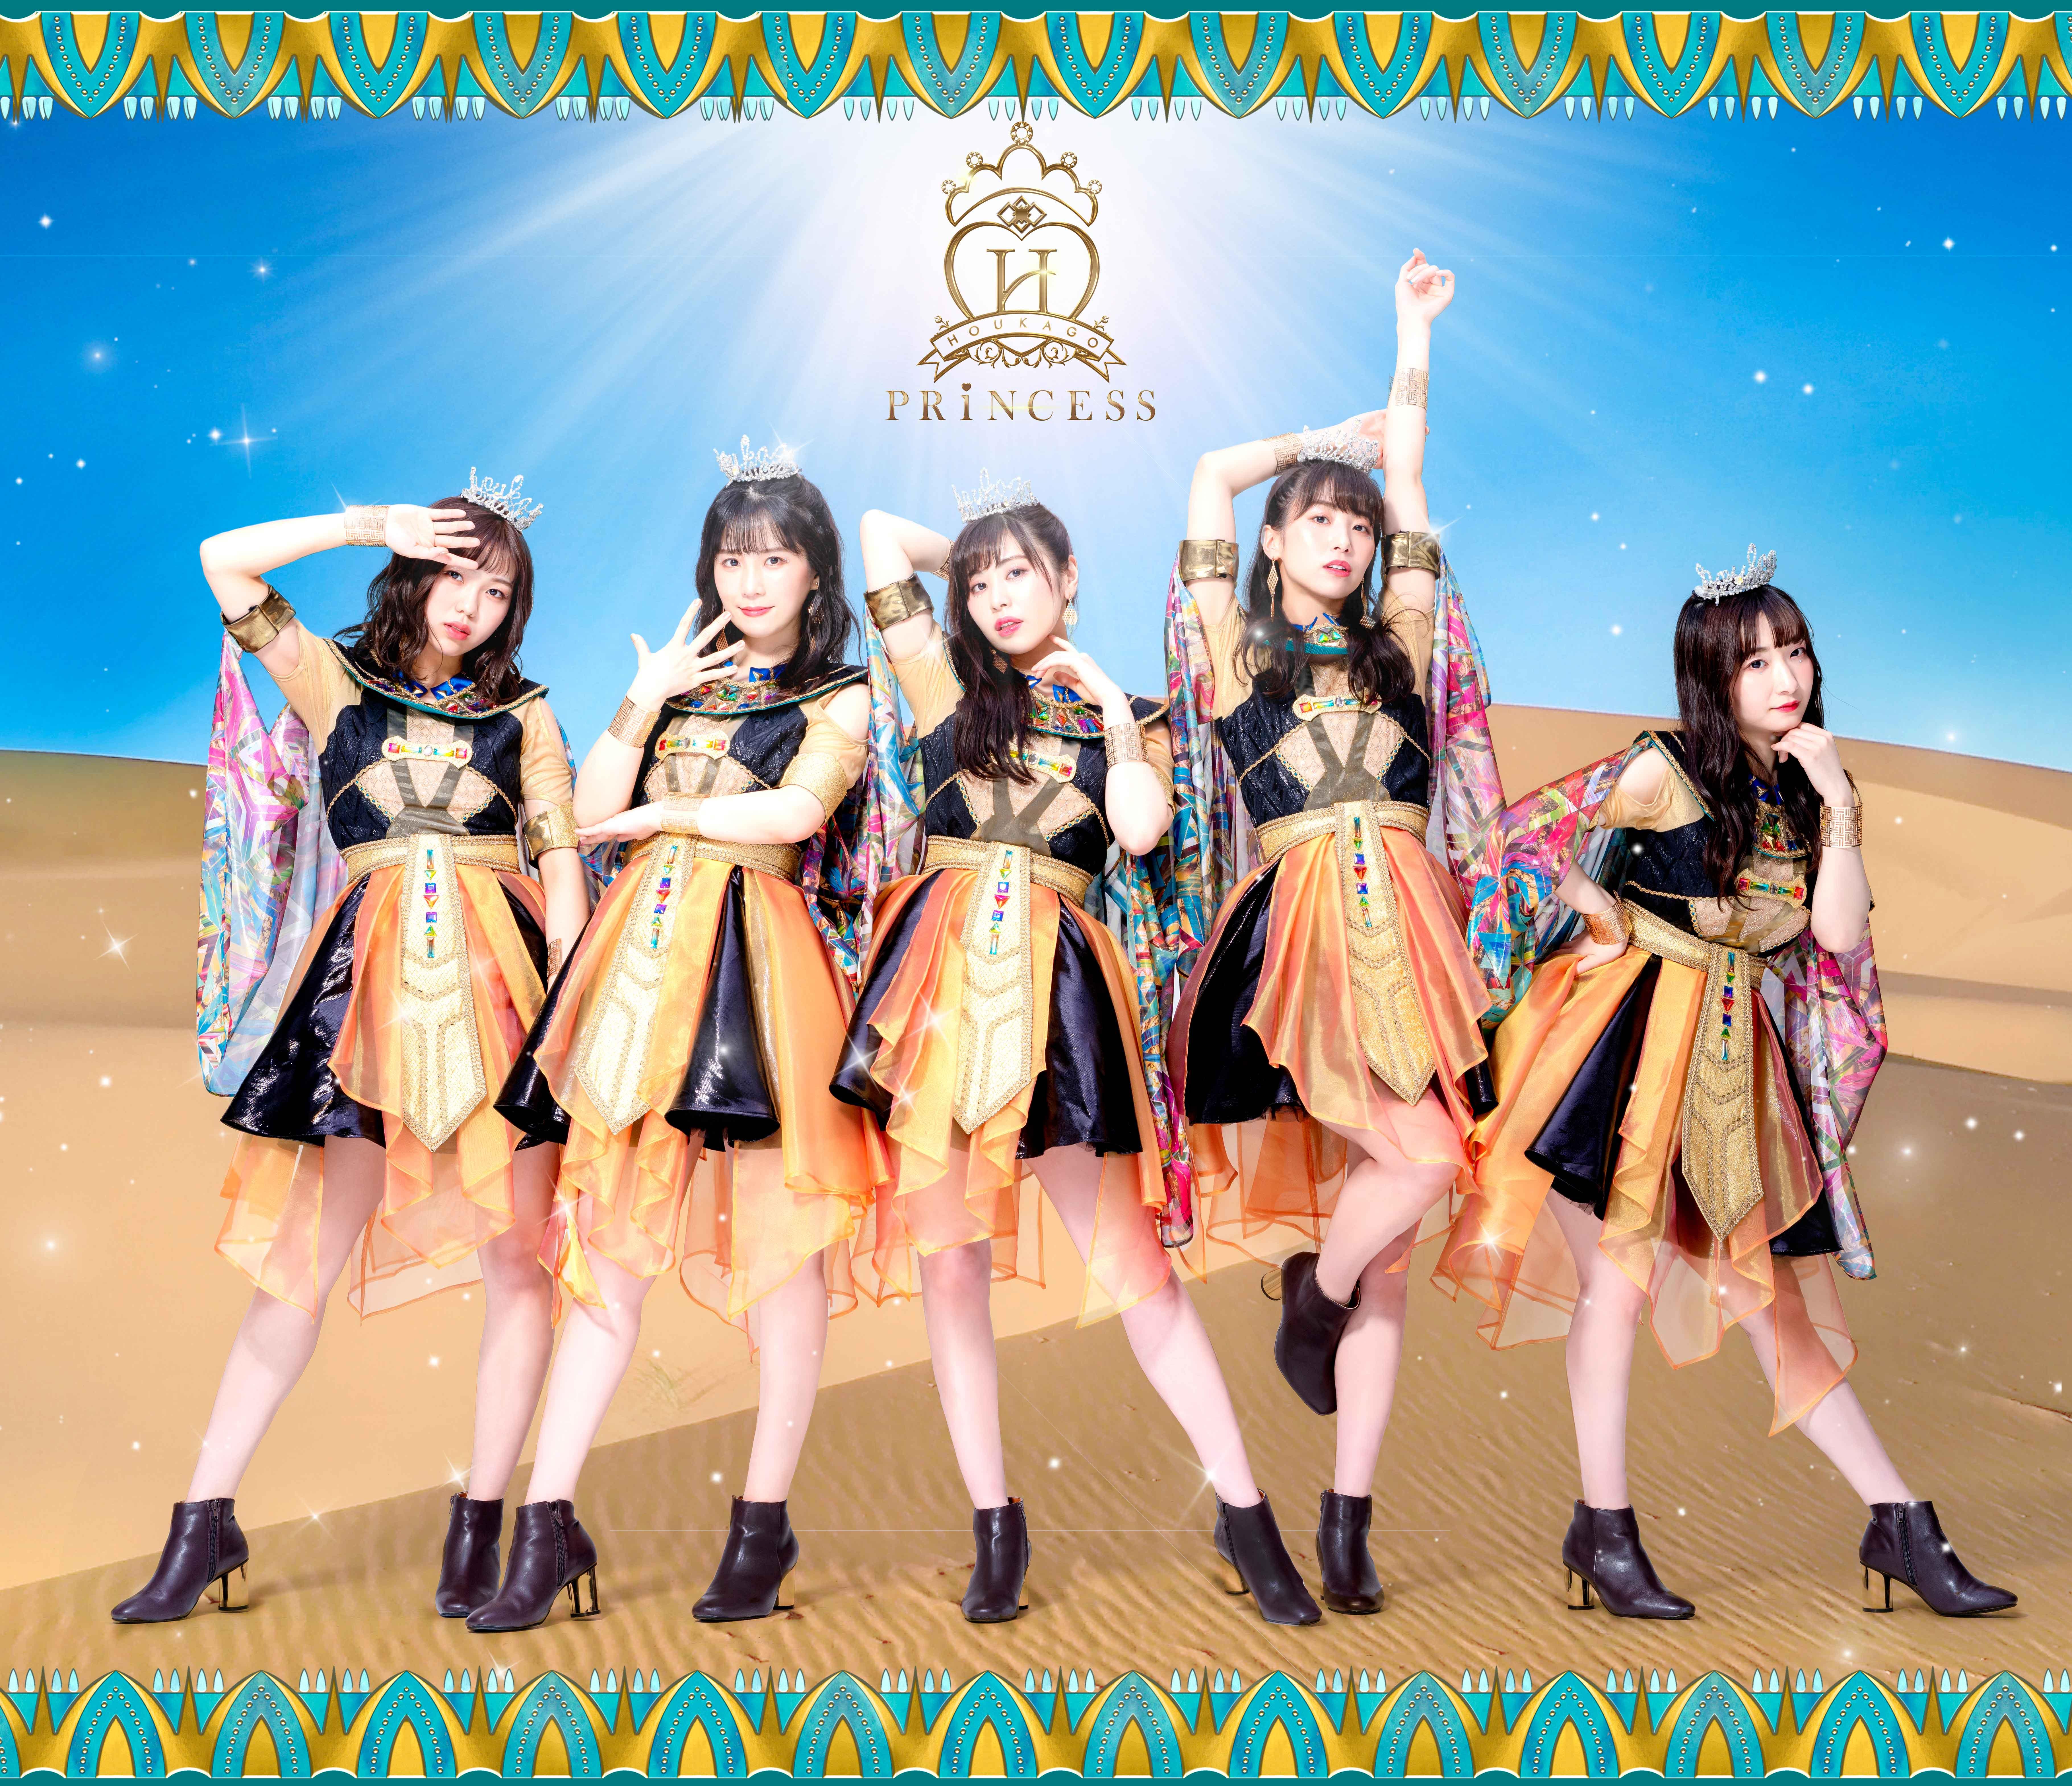 株式会社FORZA RECORD TBS系テレビ番組『有田ジェネレーション』9月度エンディングテーマに決定!!